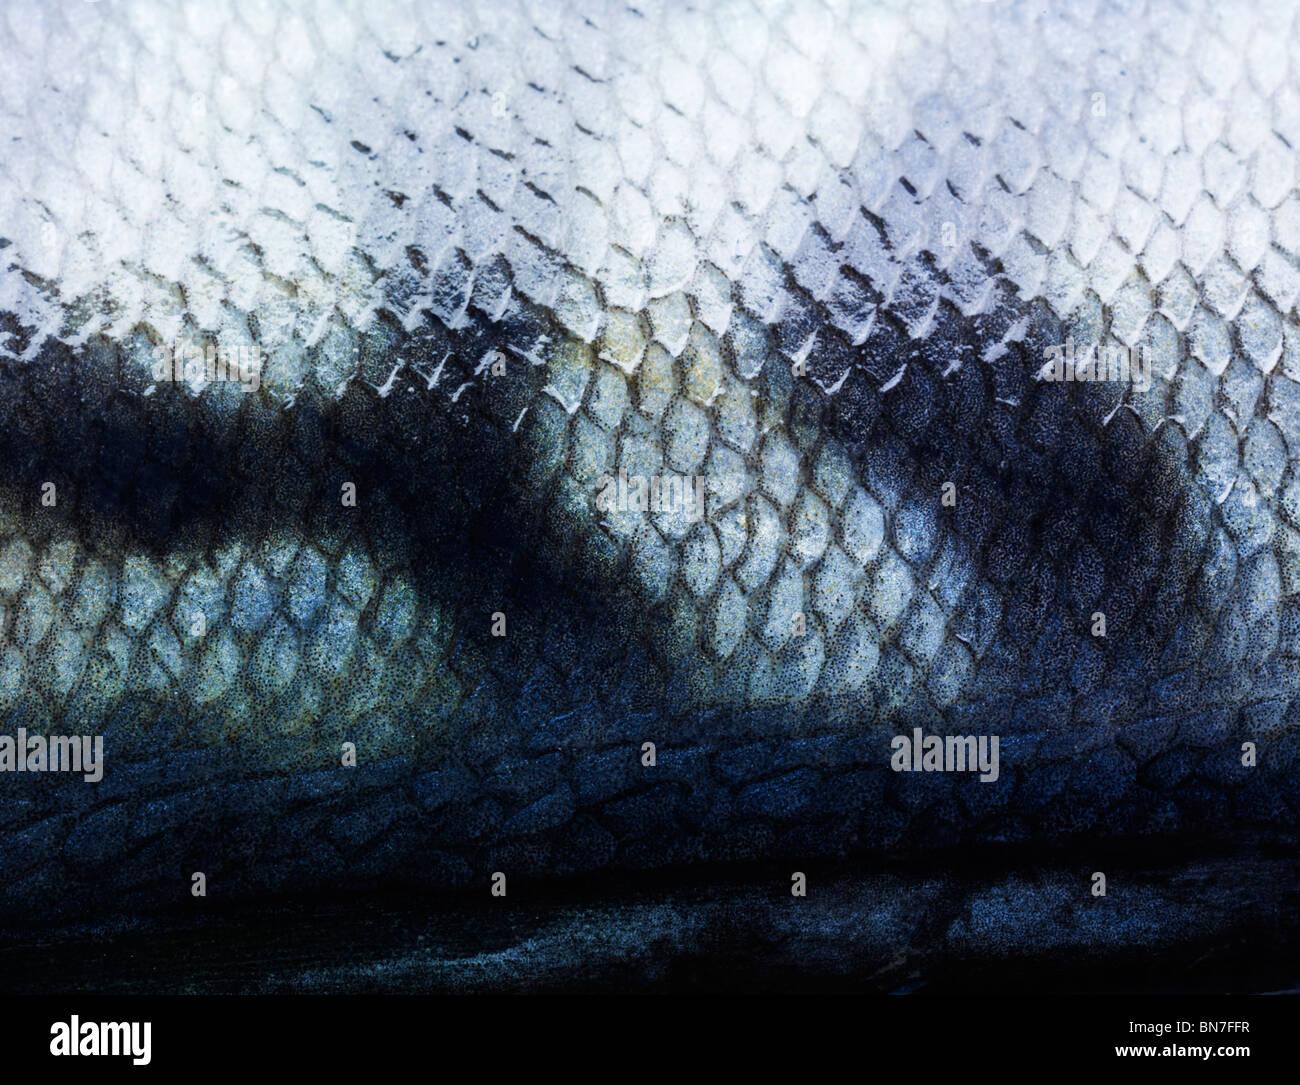 Nahaufnahme der Makrele Fisch Schuppen zeigen Details und Muster. Stockbild